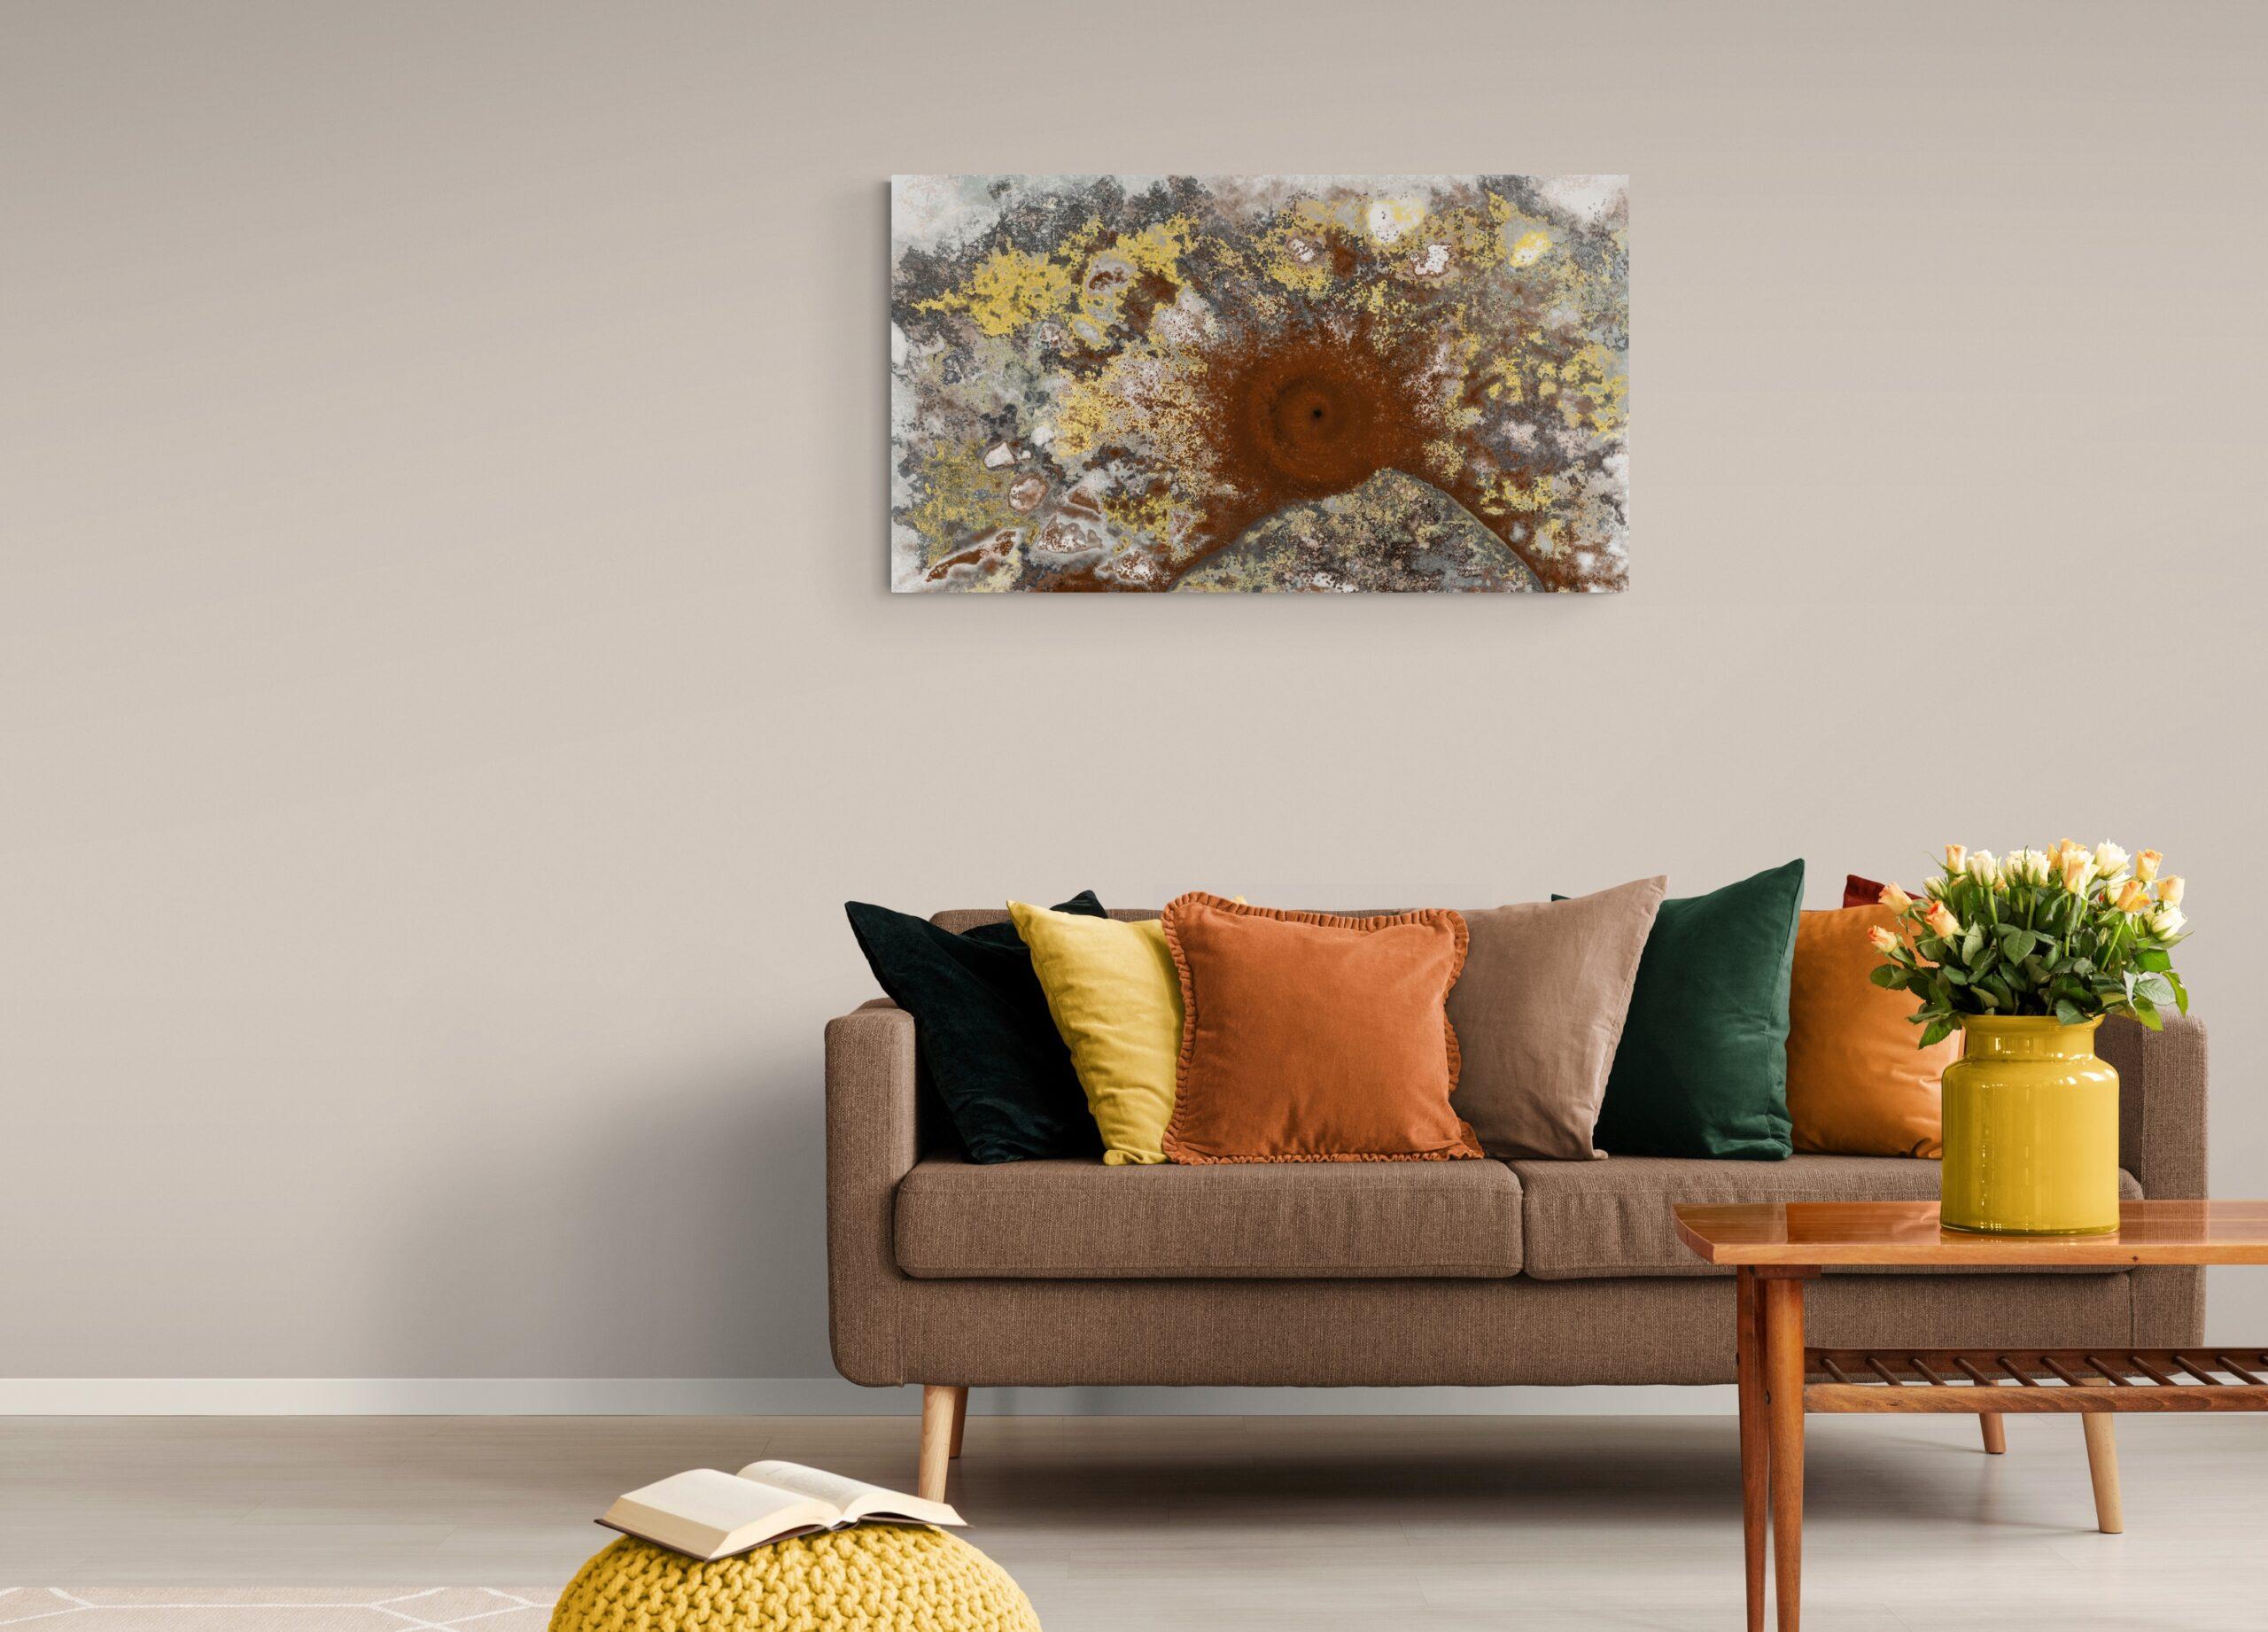 Impression d'art fascinante inspirée de la forme en spirale cosmique du travail des fourmis dans la roche des montagnes en Occitanie, en France. artiste : Anne Turlais - Edition limitée à 300 exemplaires. Art cosmique imprimé sur Dibond.